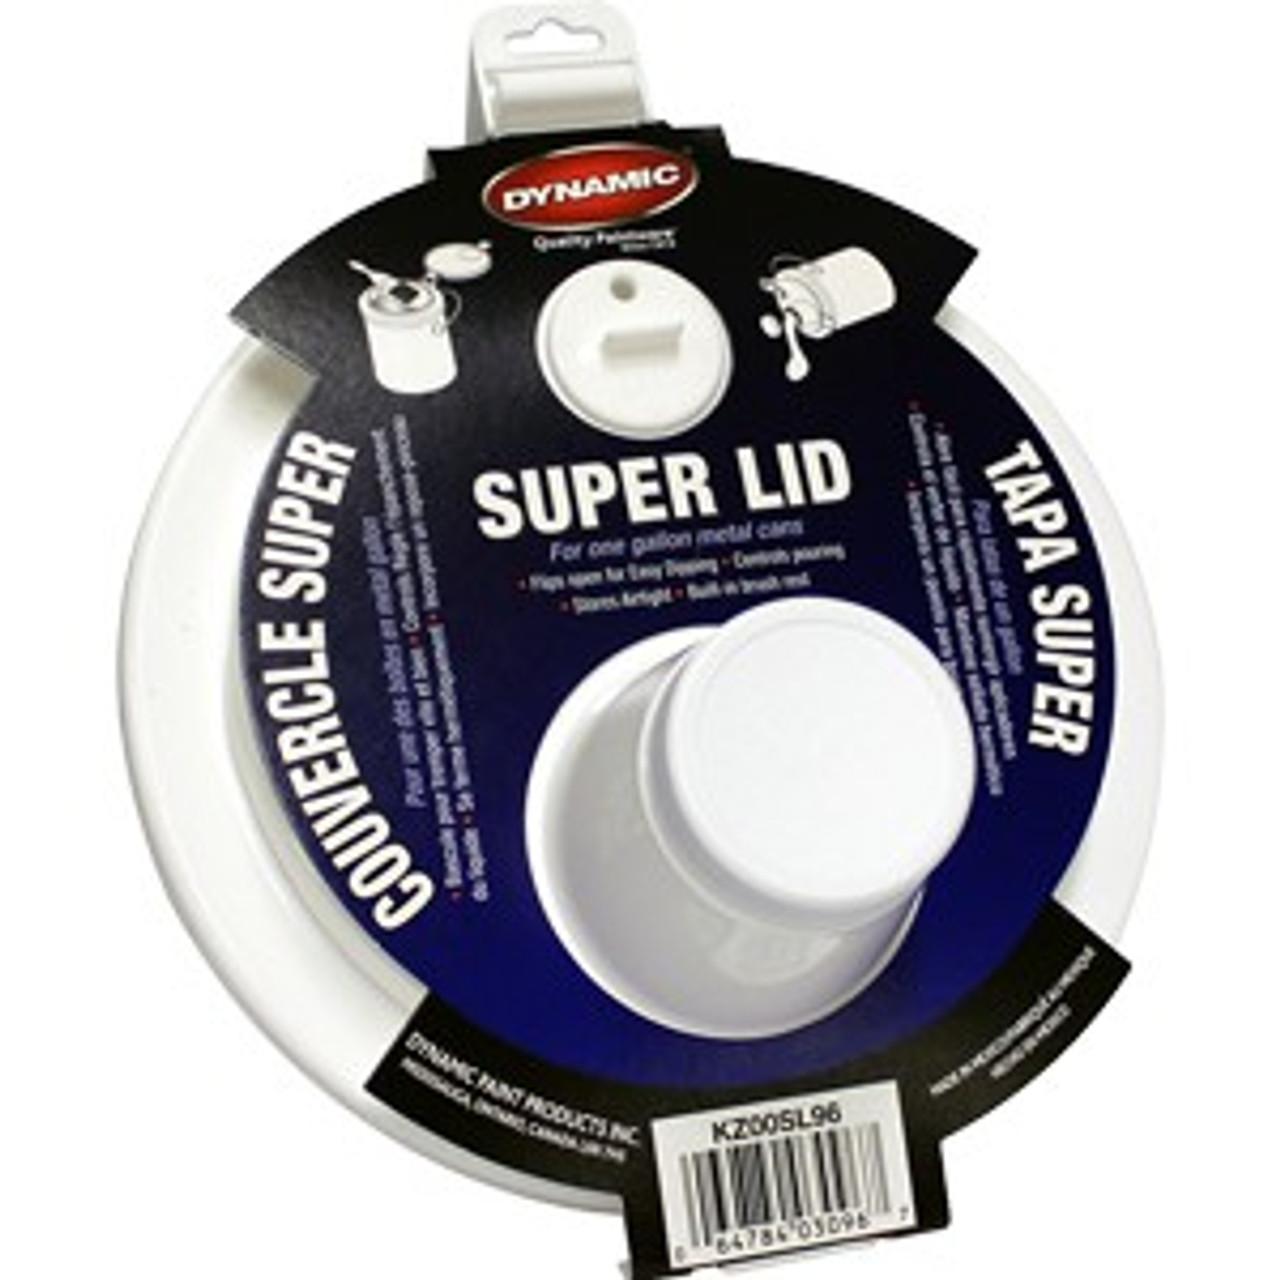 Dynamic KZ00SL96 Super Lid 2 Piece Lid w/ Spout For Gallon Cans